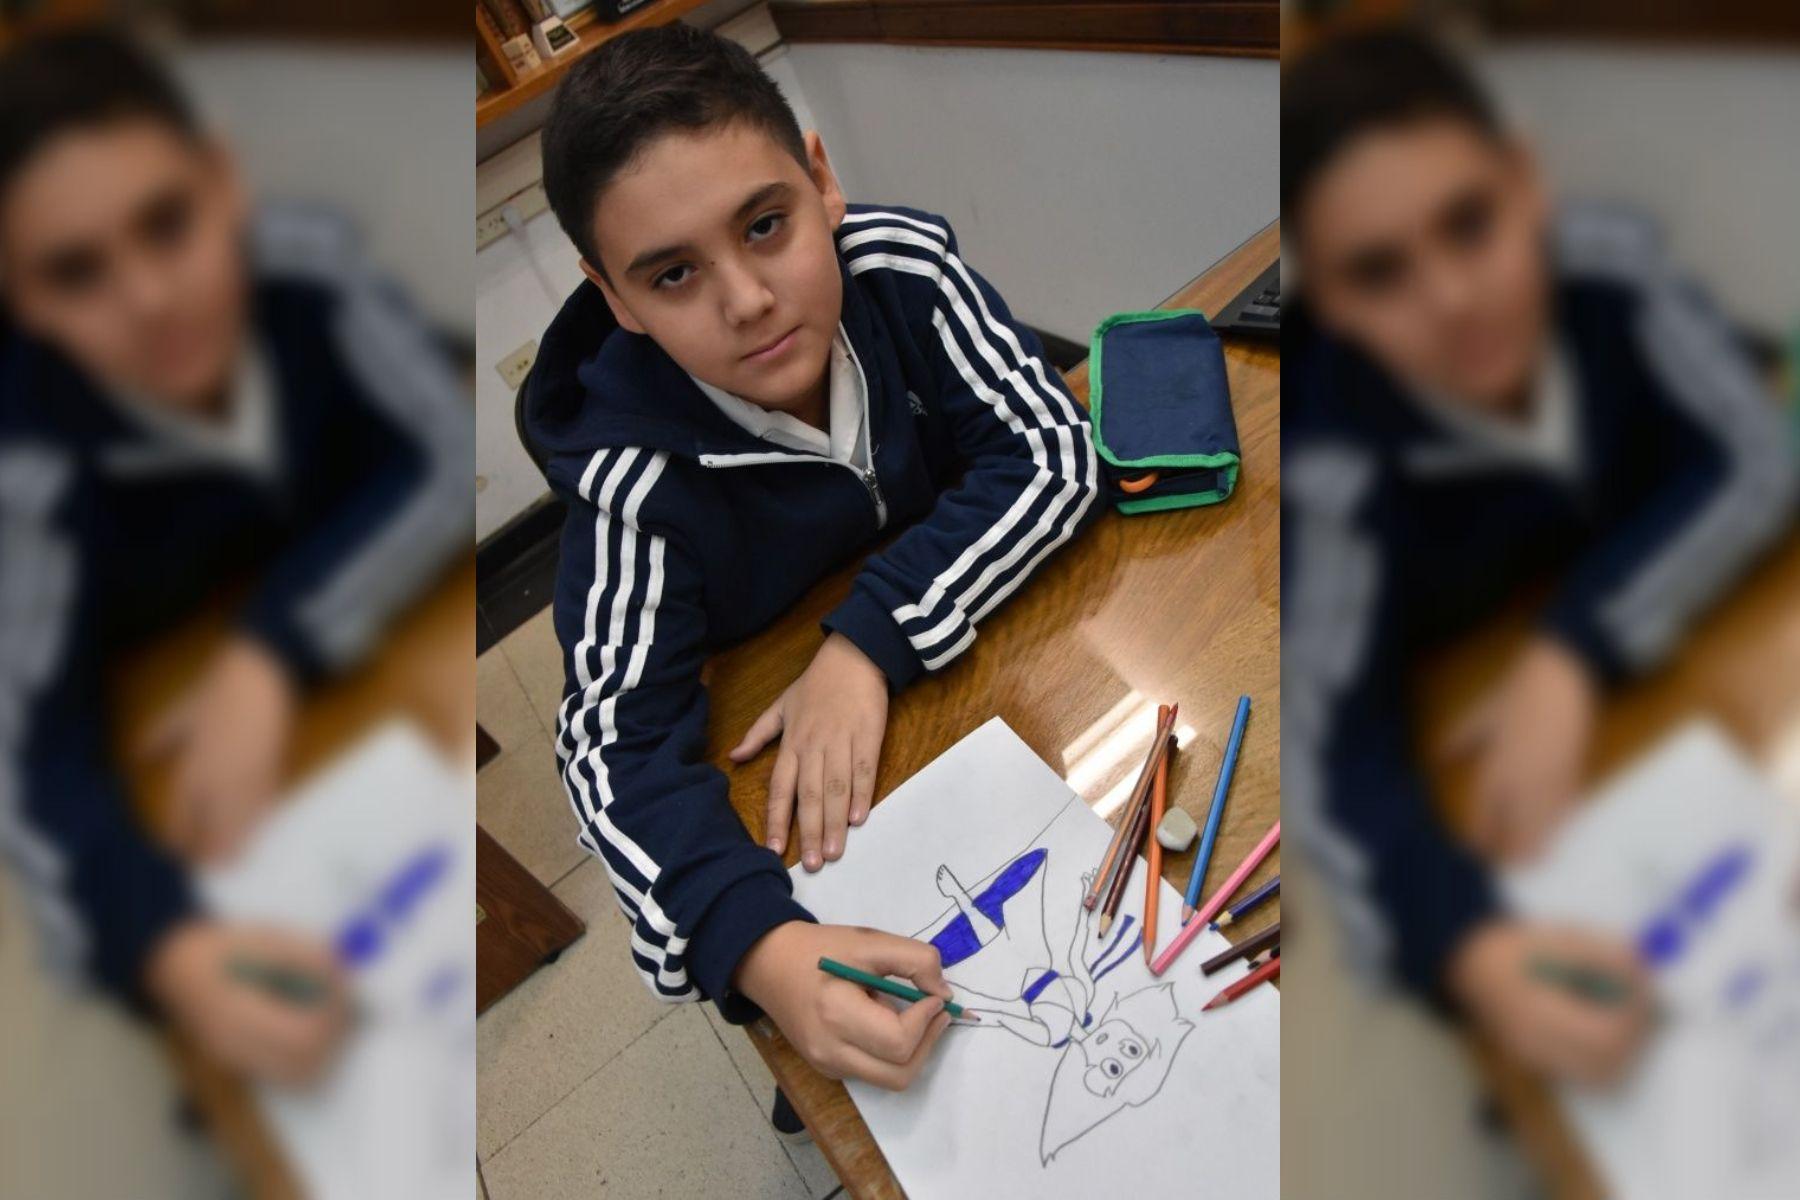 Tiene 10 años y vende sus dibujos para comprar sus lápices